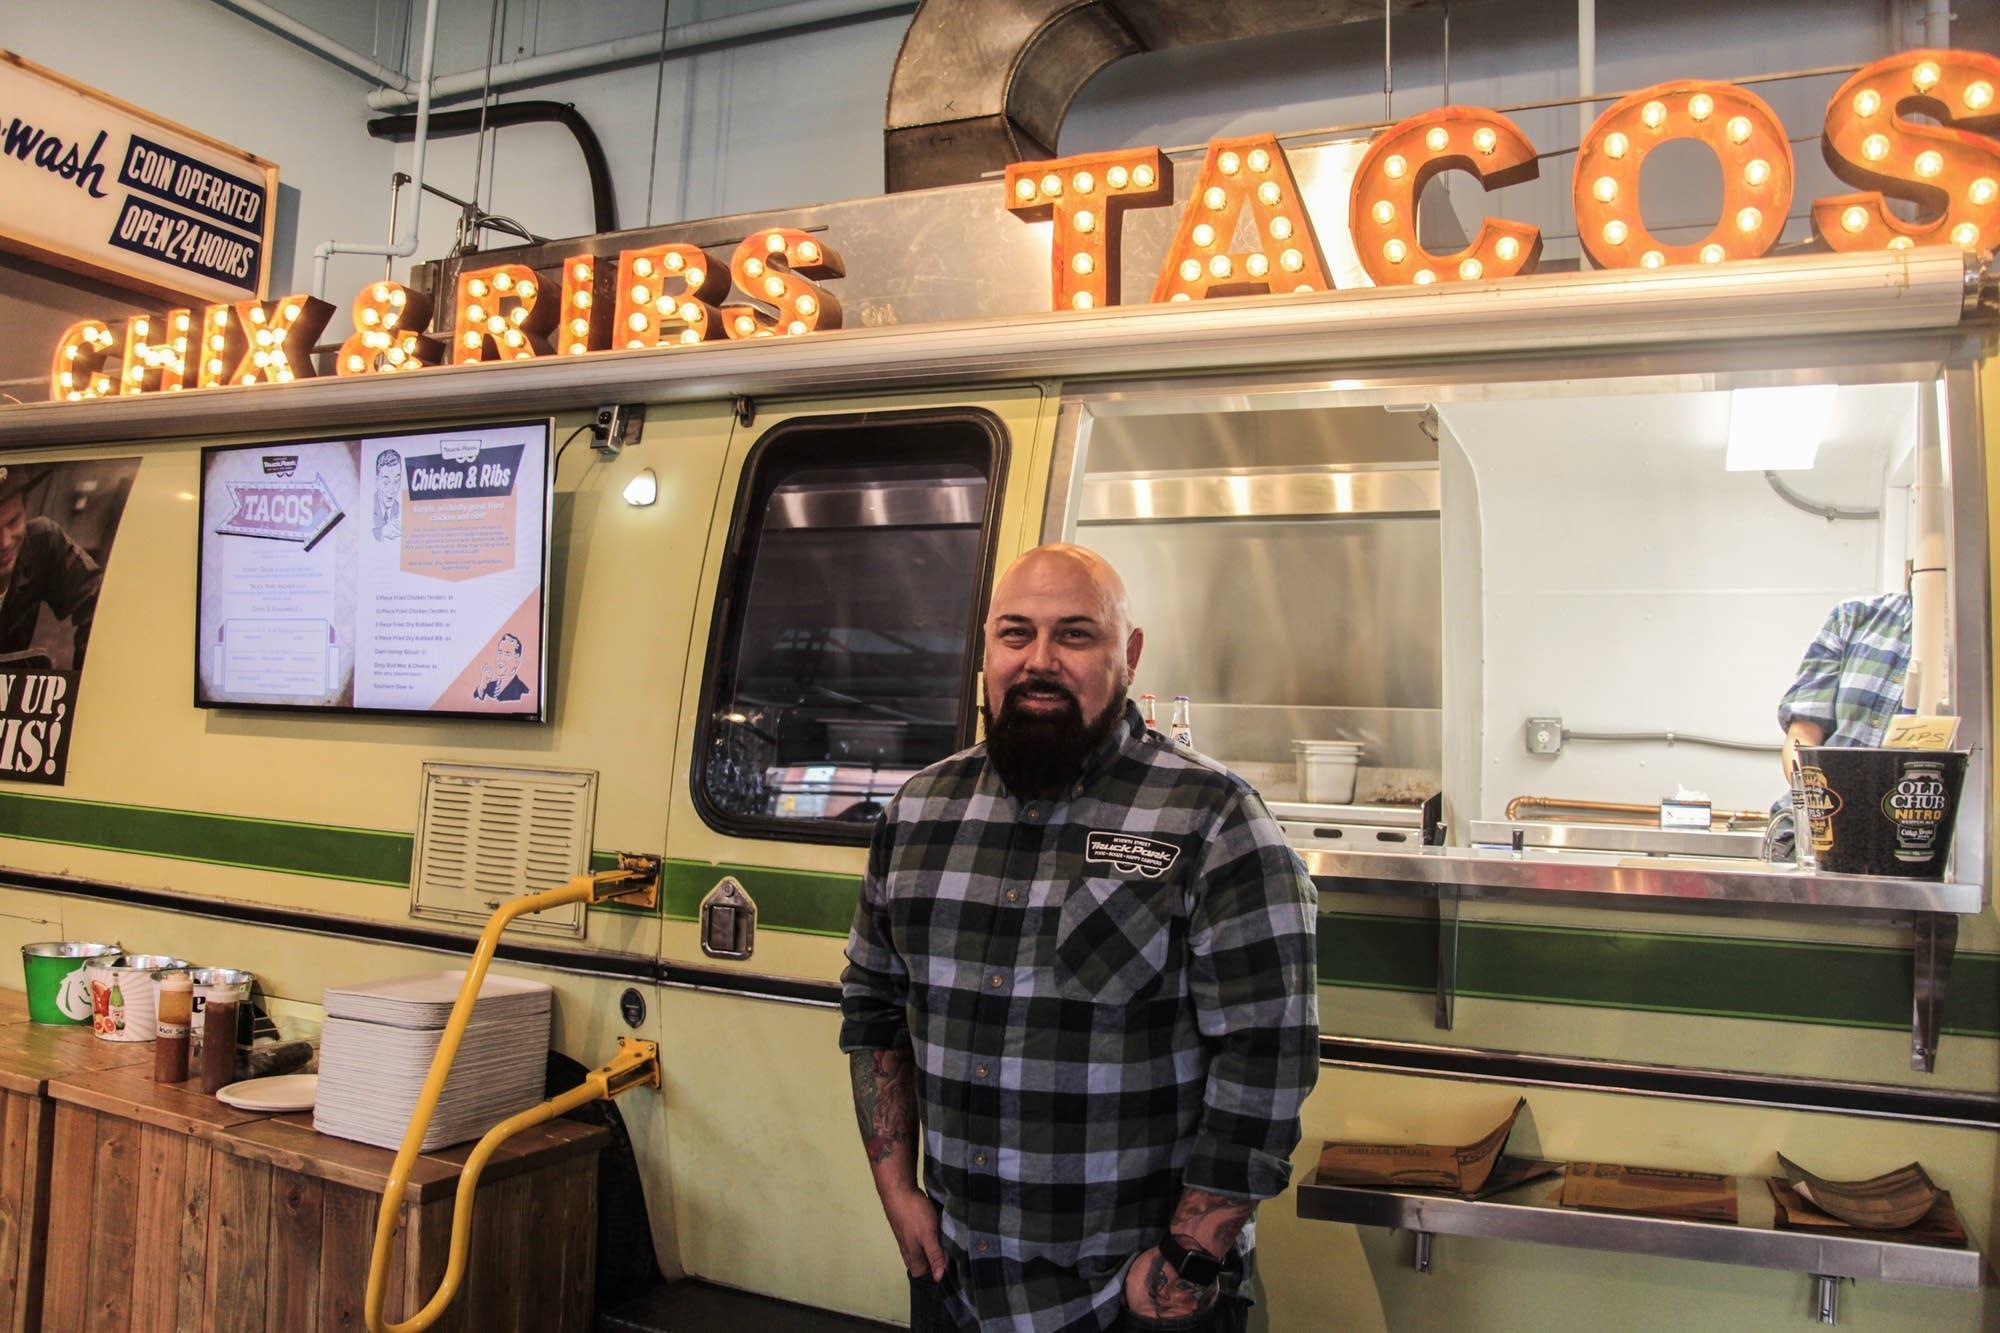 Brian Ingram, owner of Seventh Street Food Truck